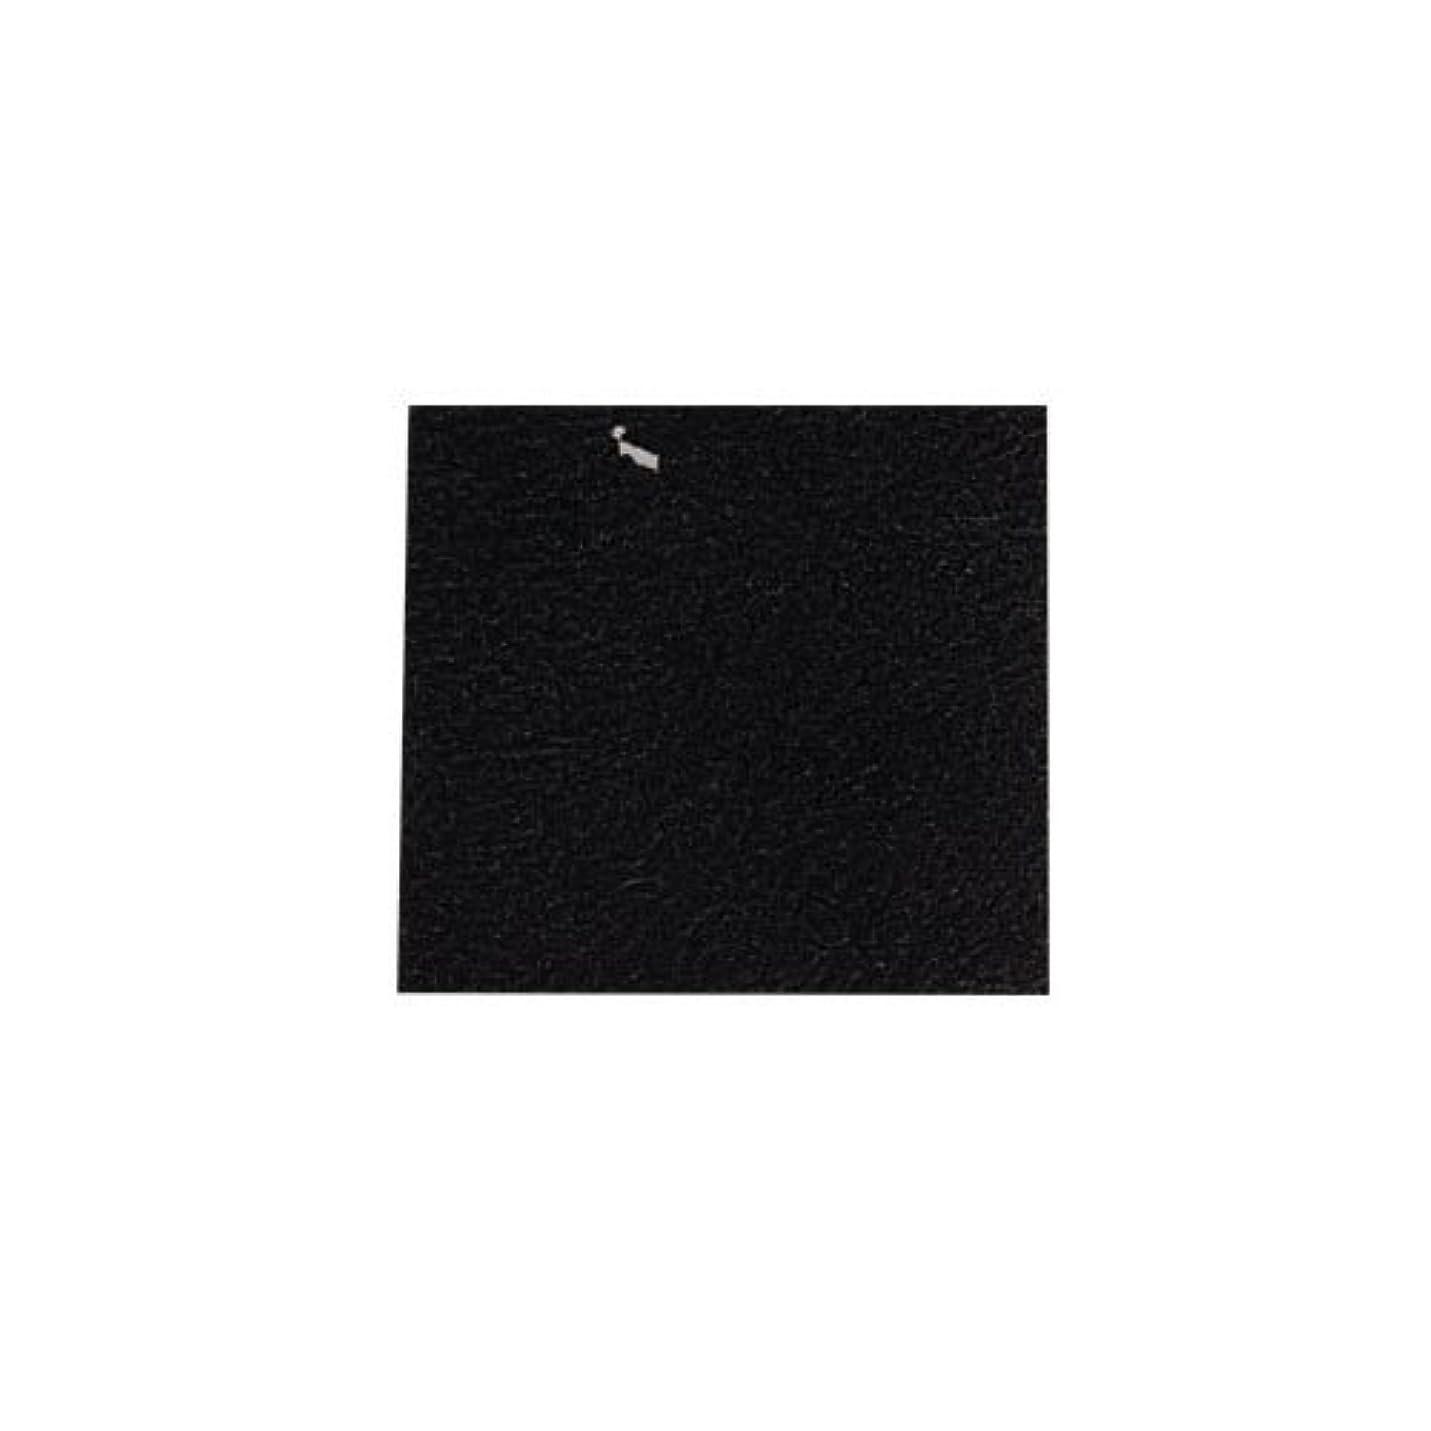 それによってリレー歯車ピカエース ネイル用パウダー カラー純銀箔 #620 黒色 3.5㎜角×5枚